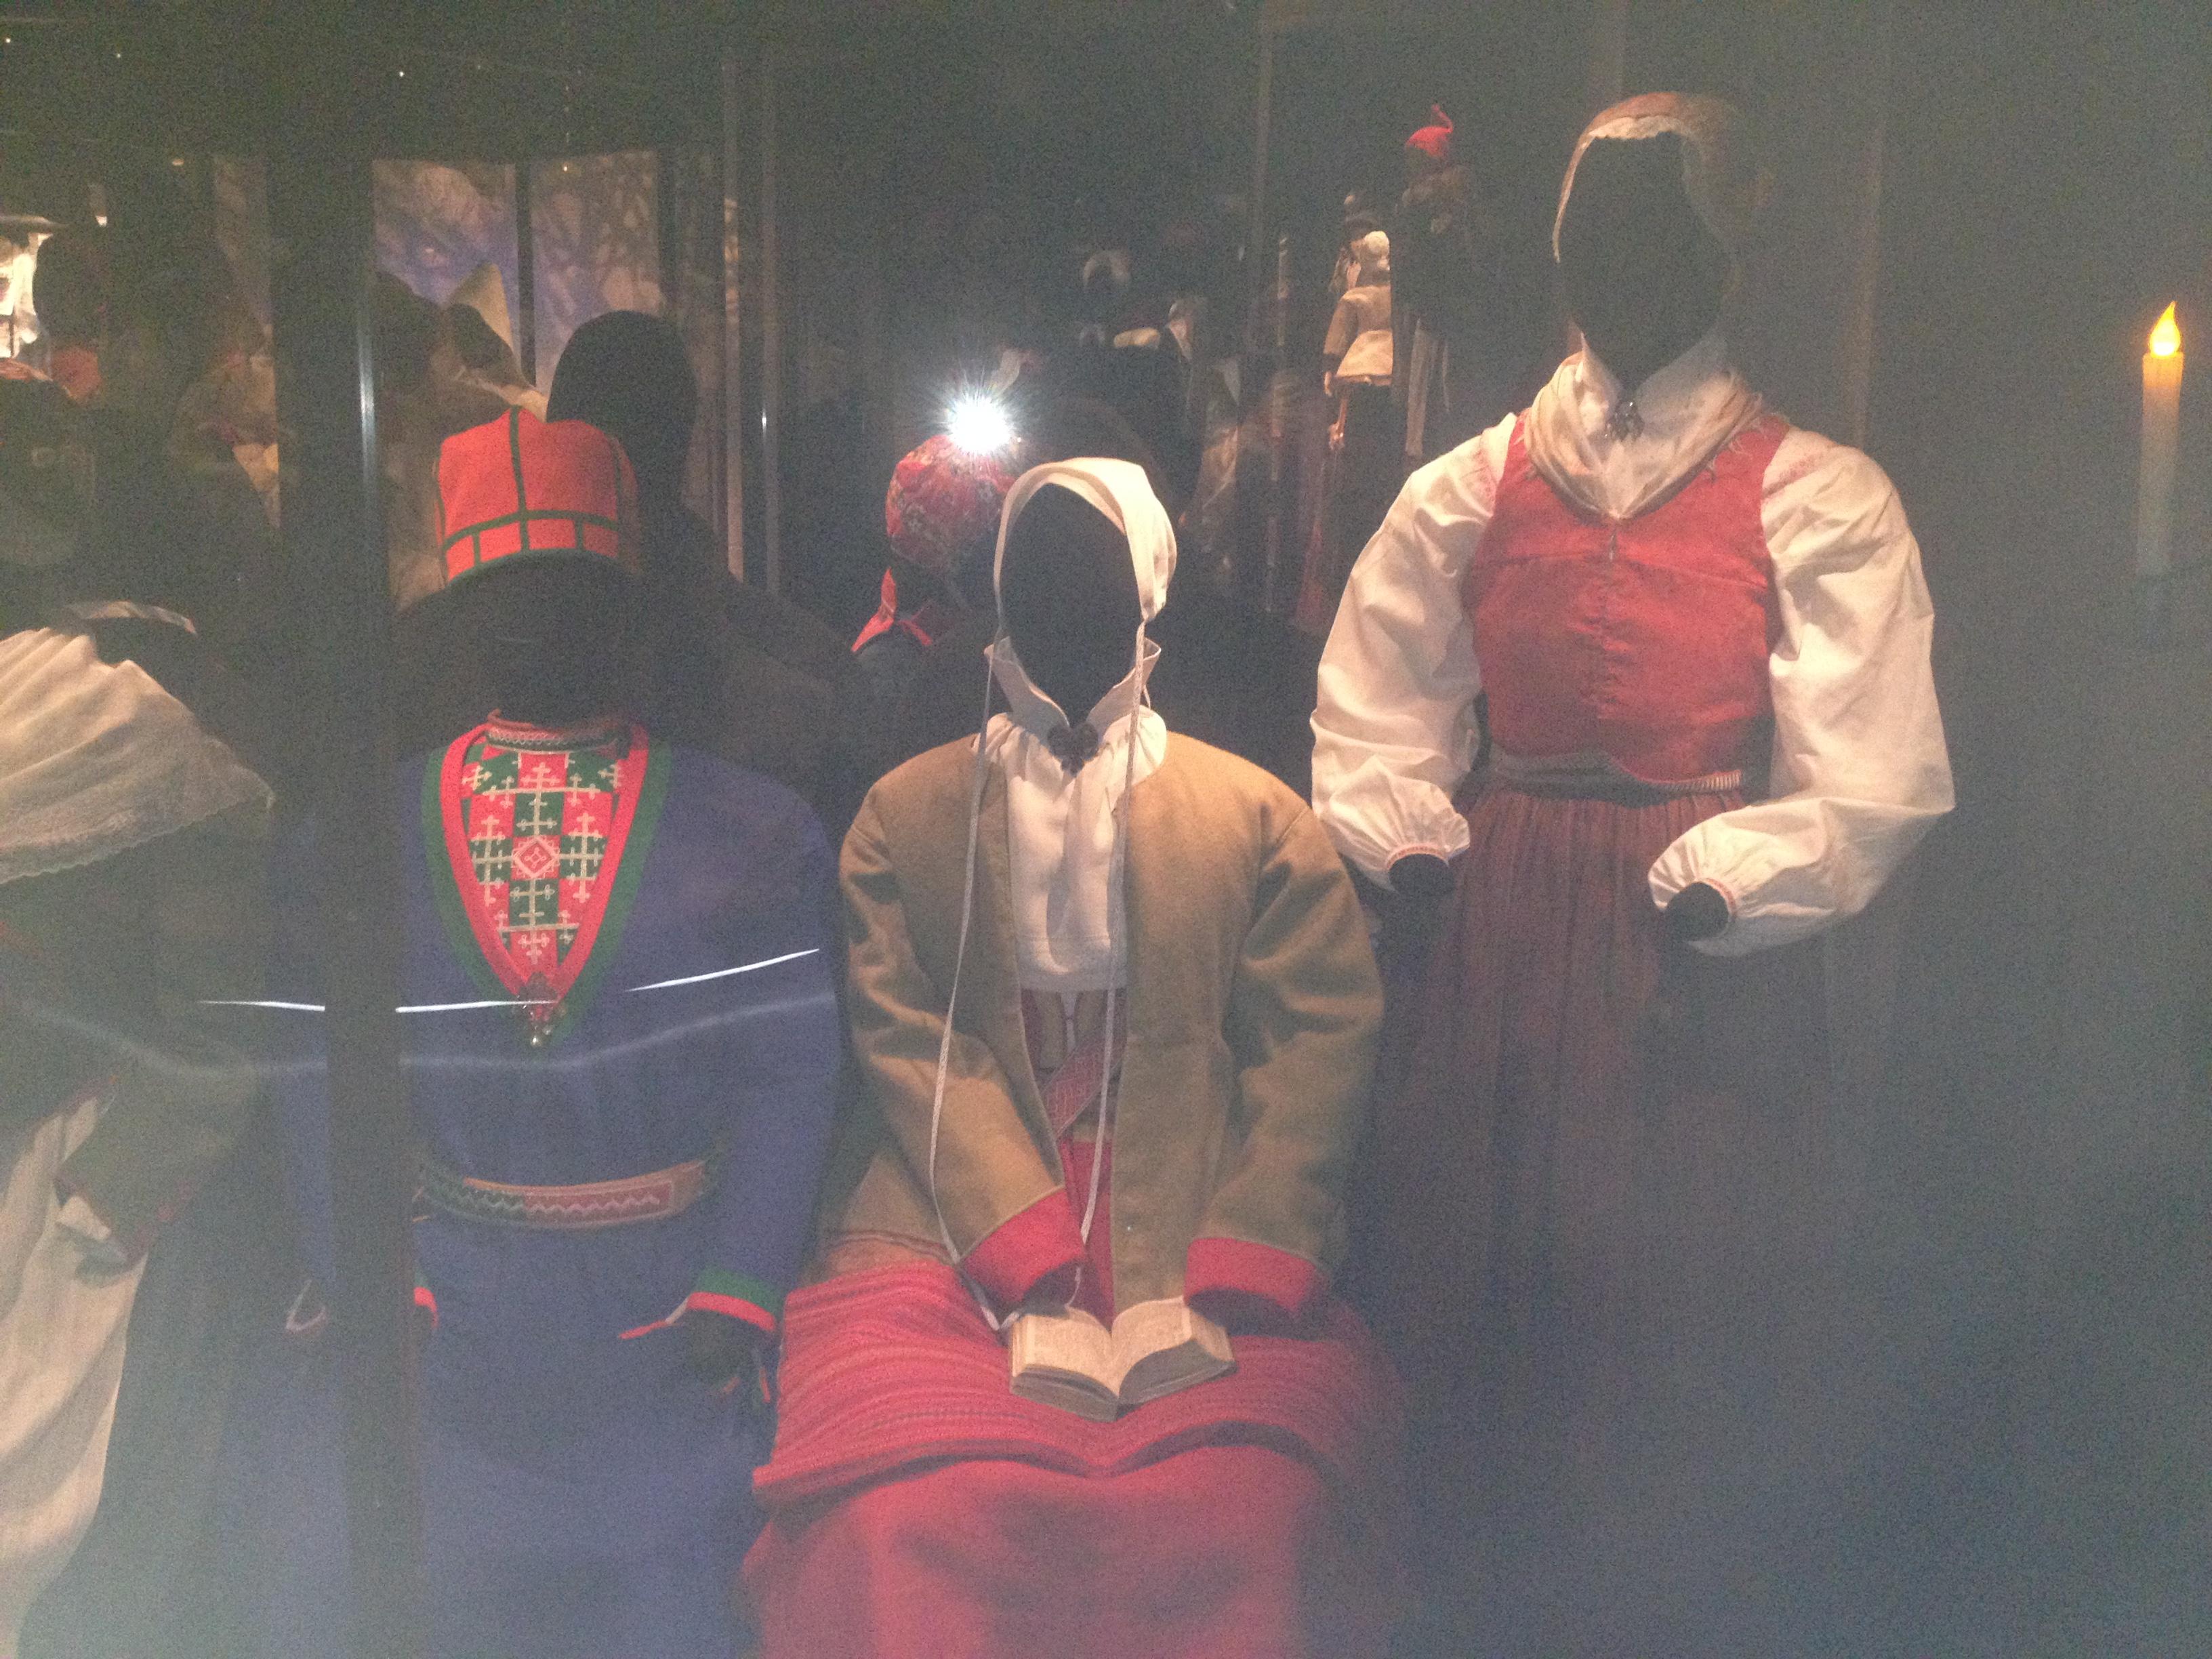 Högtidsträkter (längst till höger från Älvdalen). Håret fick inte sticka fram under hättan. Jämför muslimsk tradition.